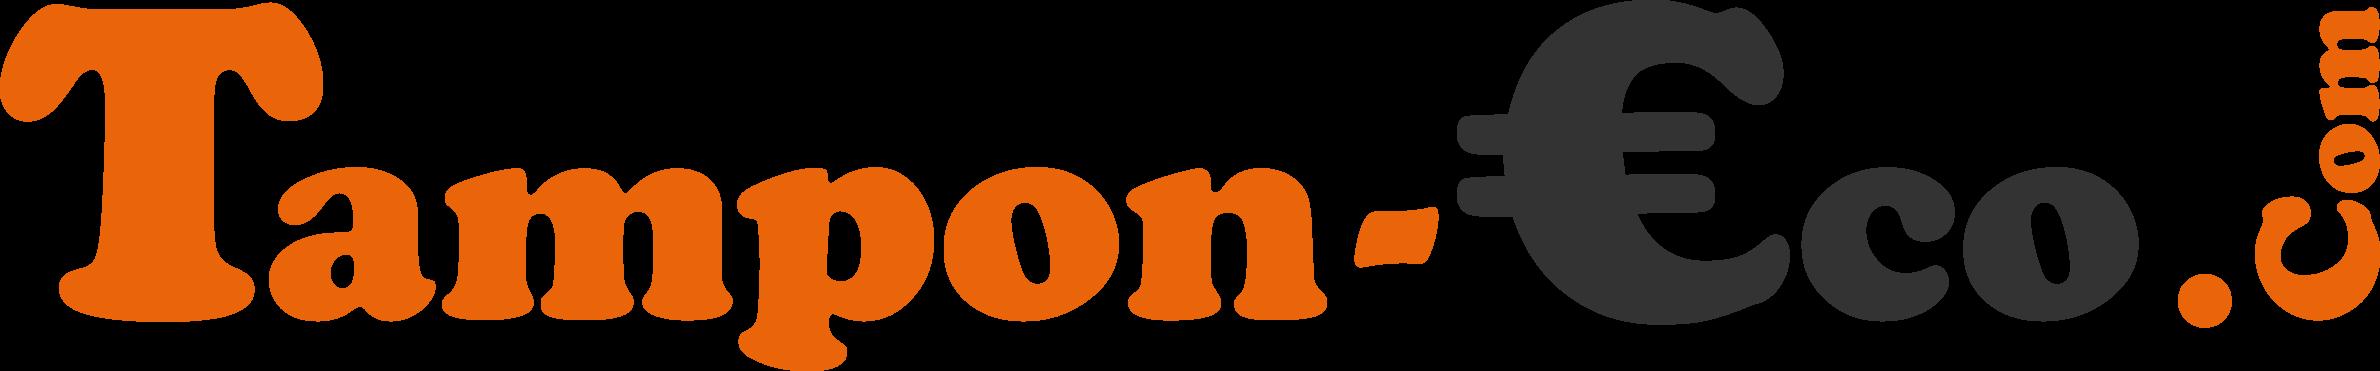 Tampon-eco.com